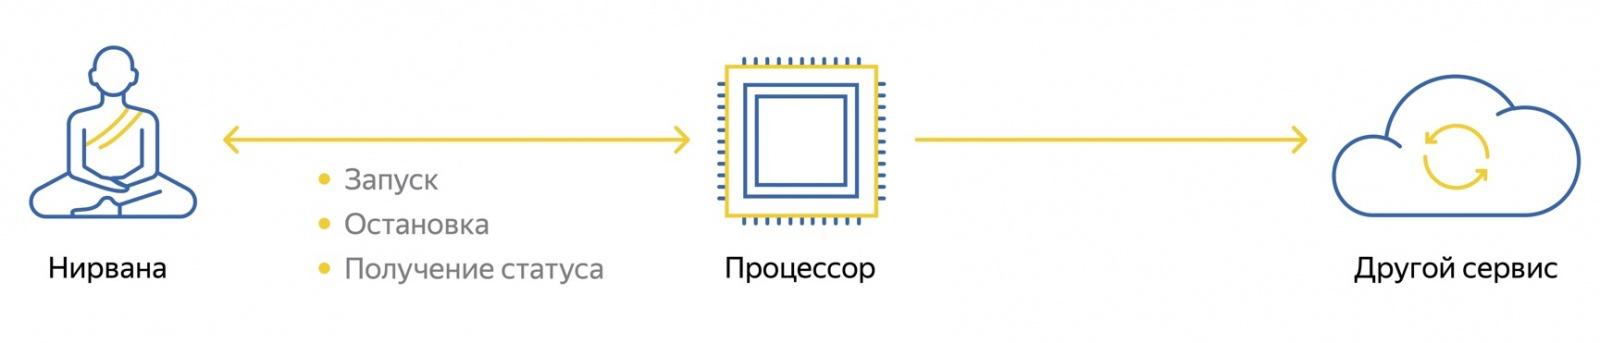 Познаём Нирвану – универсальную вычислительную платформу Яндекса - 3